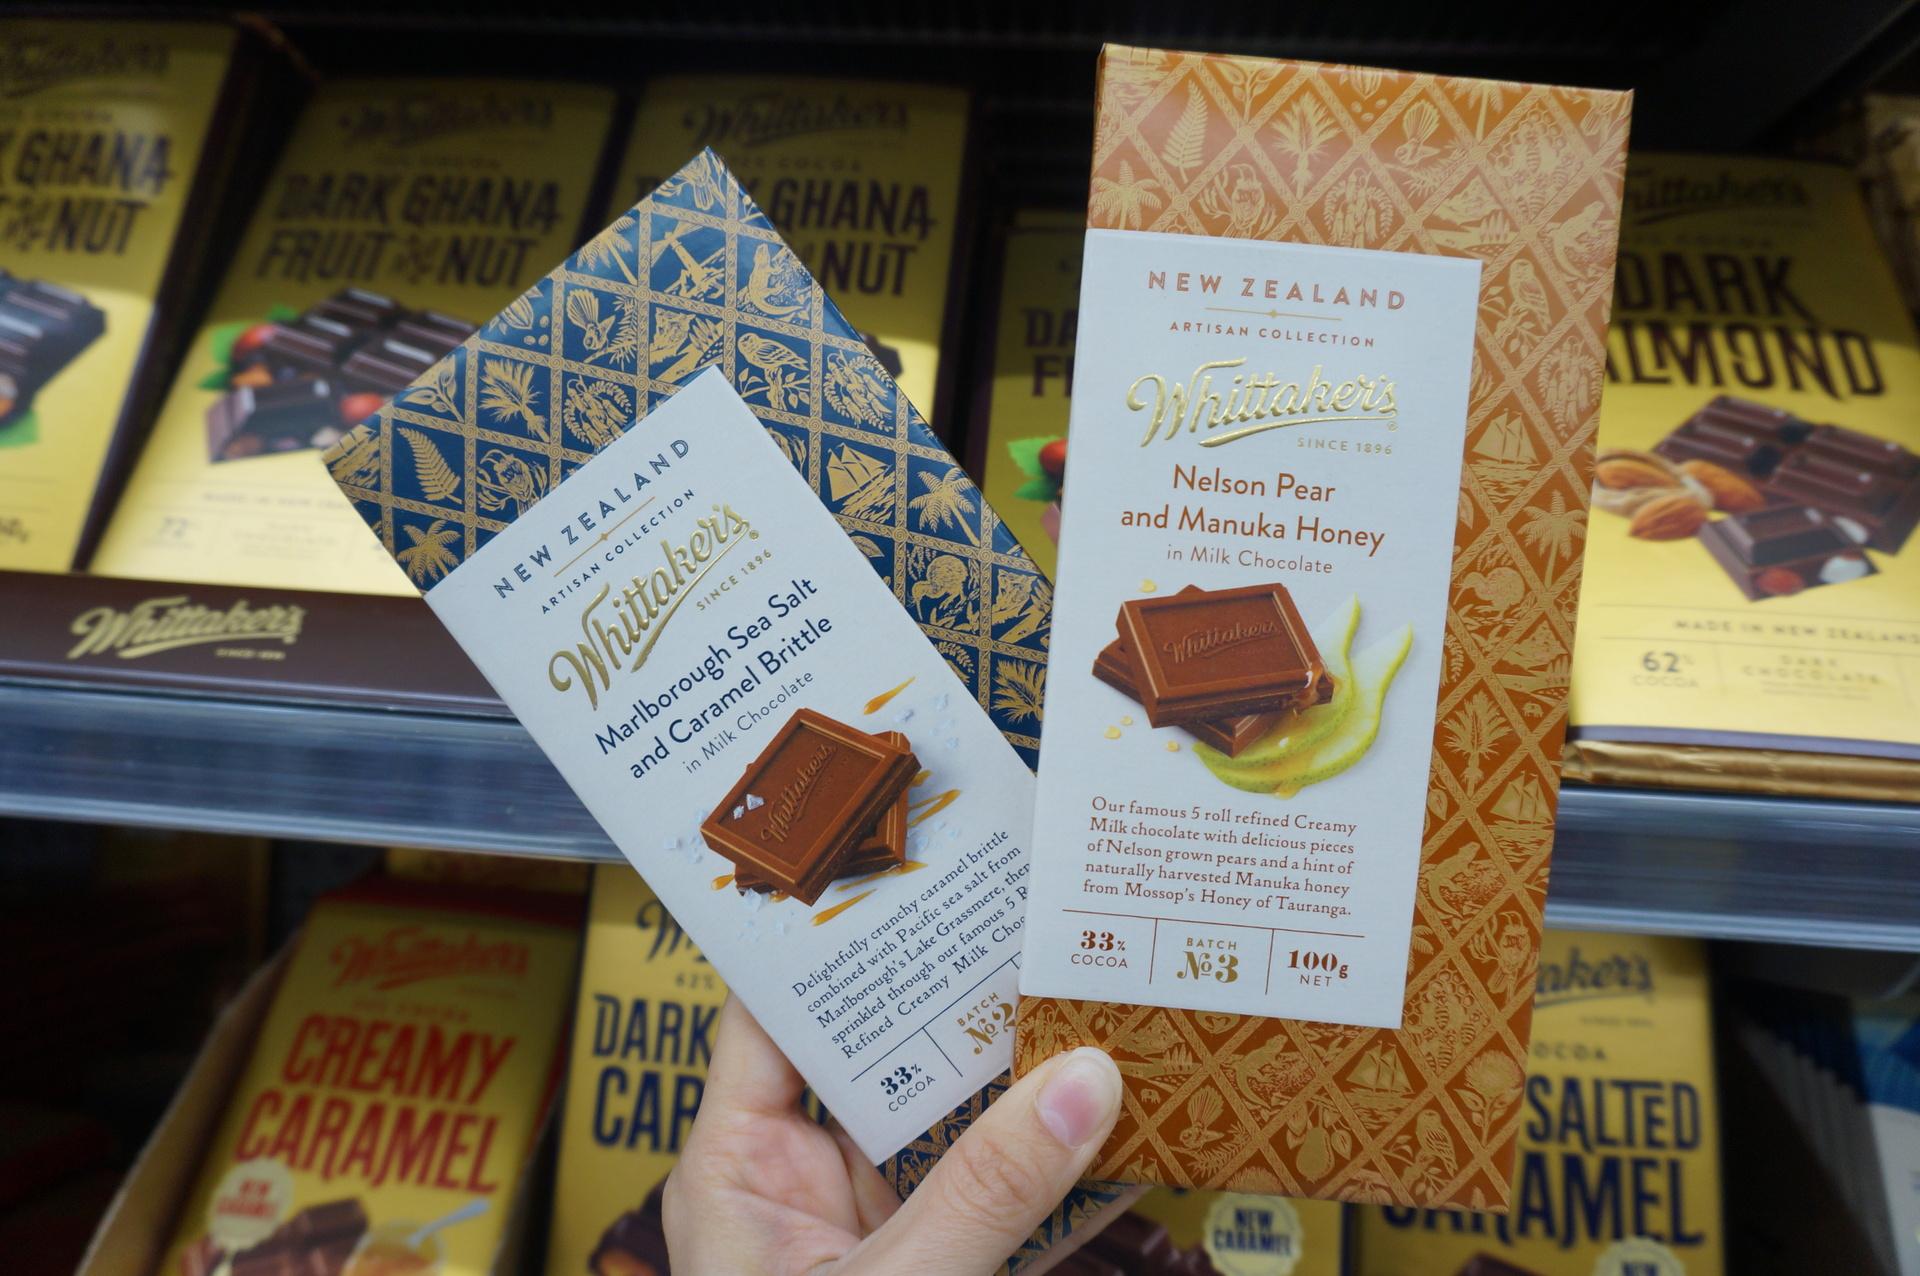 ウィッタカーズのチョコレート | オークランド(NZ)在住MYDOニュージーランドさんのおすすめお土産